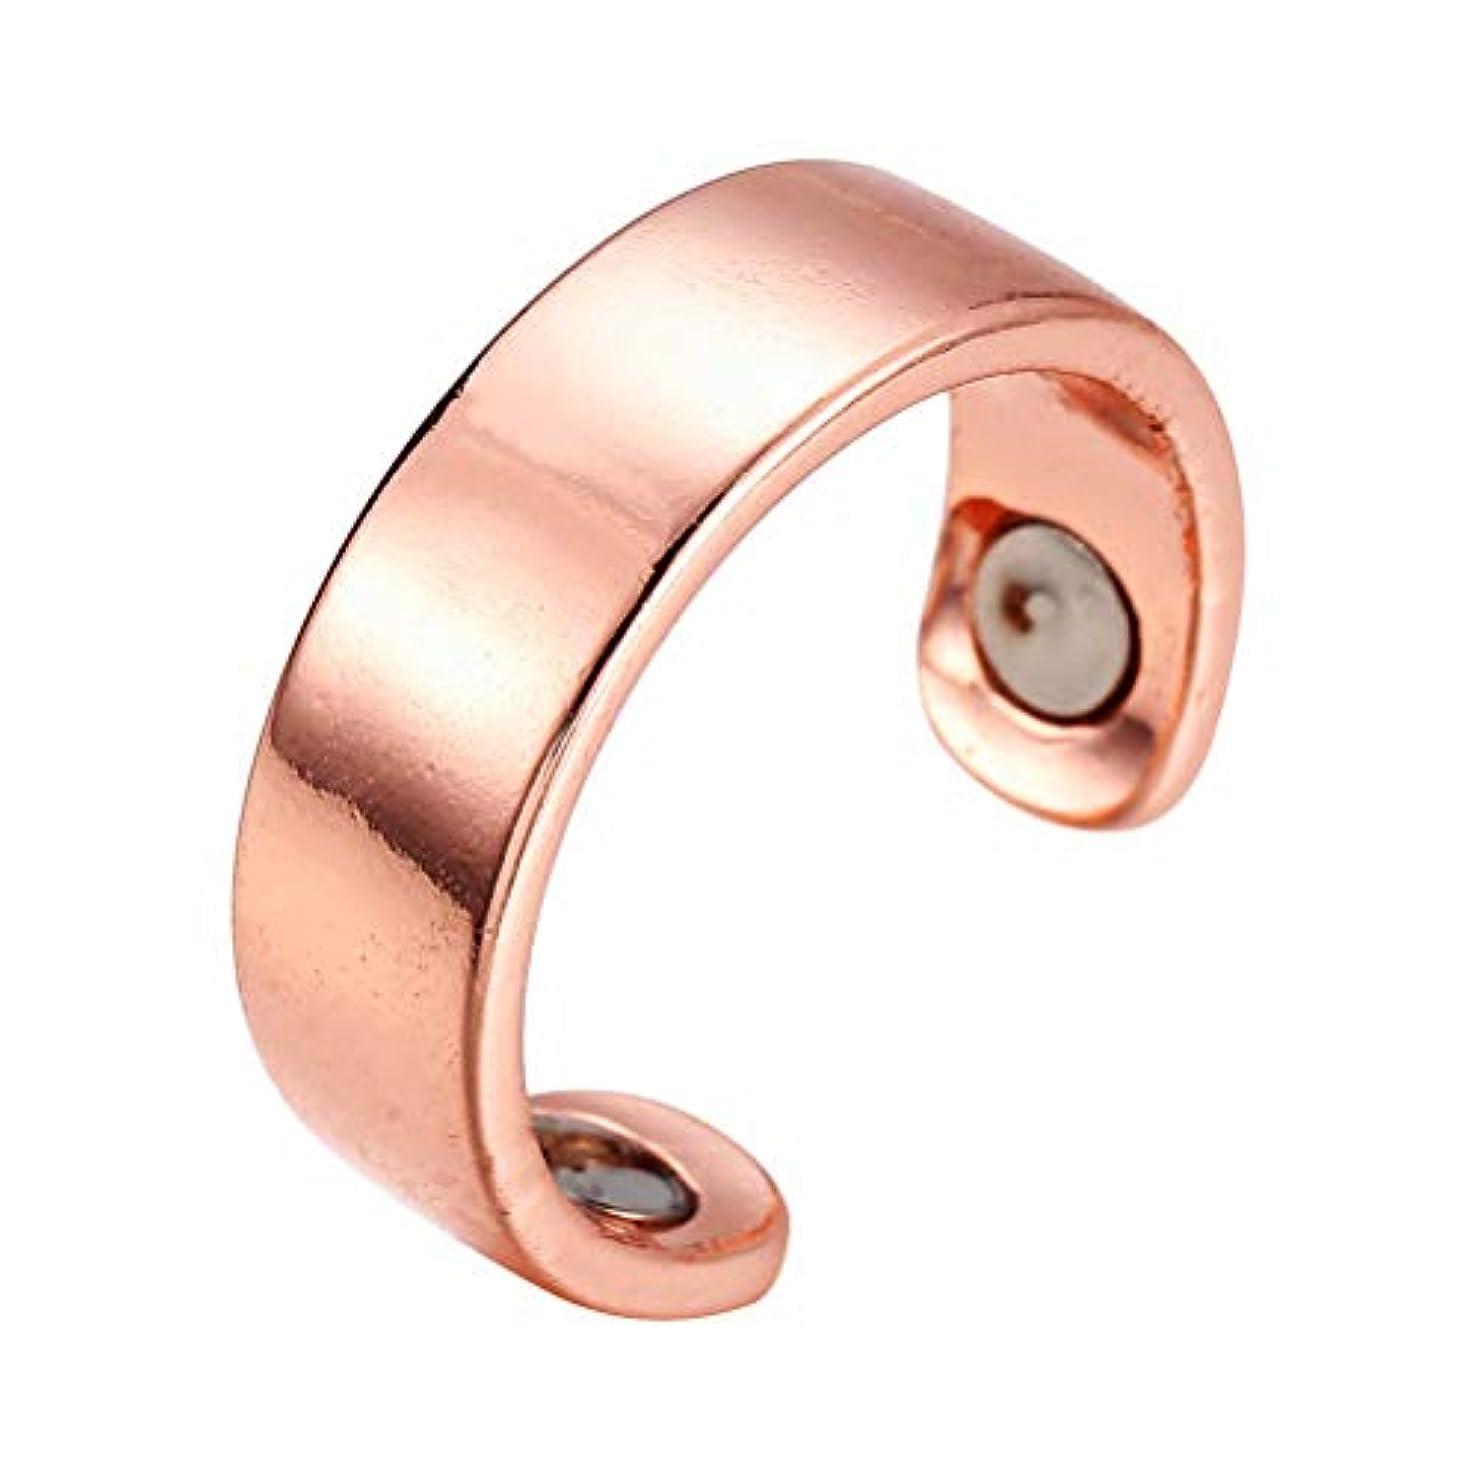 ささいな裁量効率HEALIFTY 指圧マッサージ指輪防止いびきリング息切れ指圧治療ヘルスケア磁気療法健康的な睡眠リング開環(釉、ローズゴールデン)